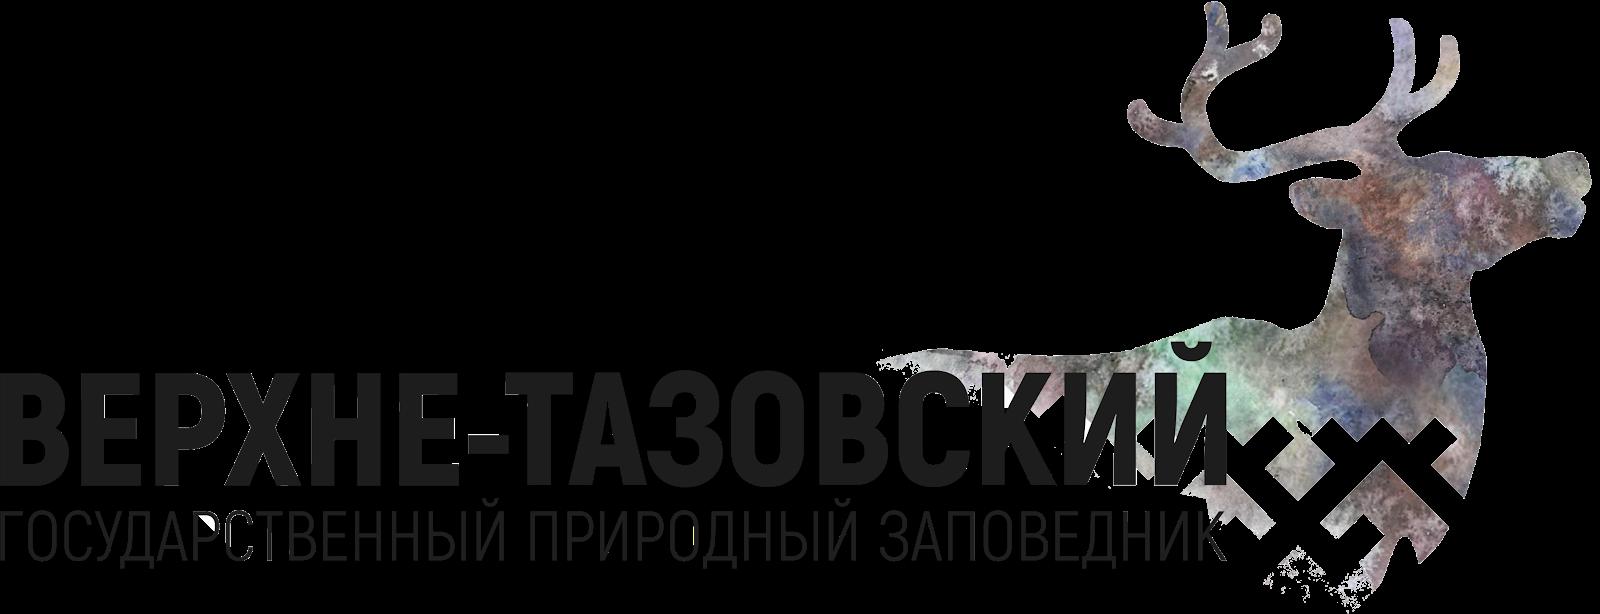 Верхне-Тазовский 🌲 Государственный заповедник 🌳 ФГБУ 🌿